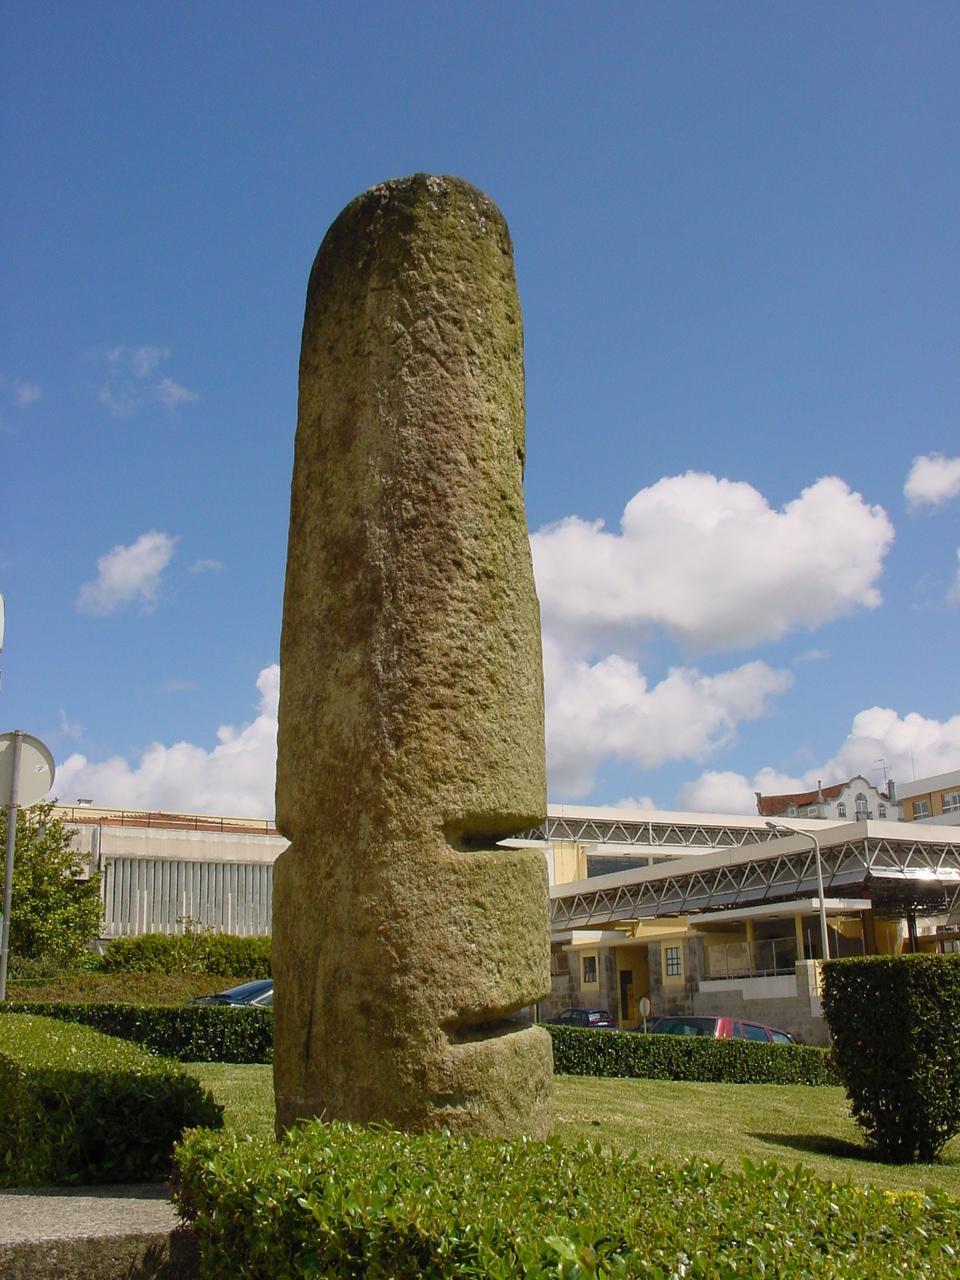 Marco Miliário da milha XII (da via romana entre Lisboa e Braga, erigido entre 1 de julho d.c. e 24 d.c.)